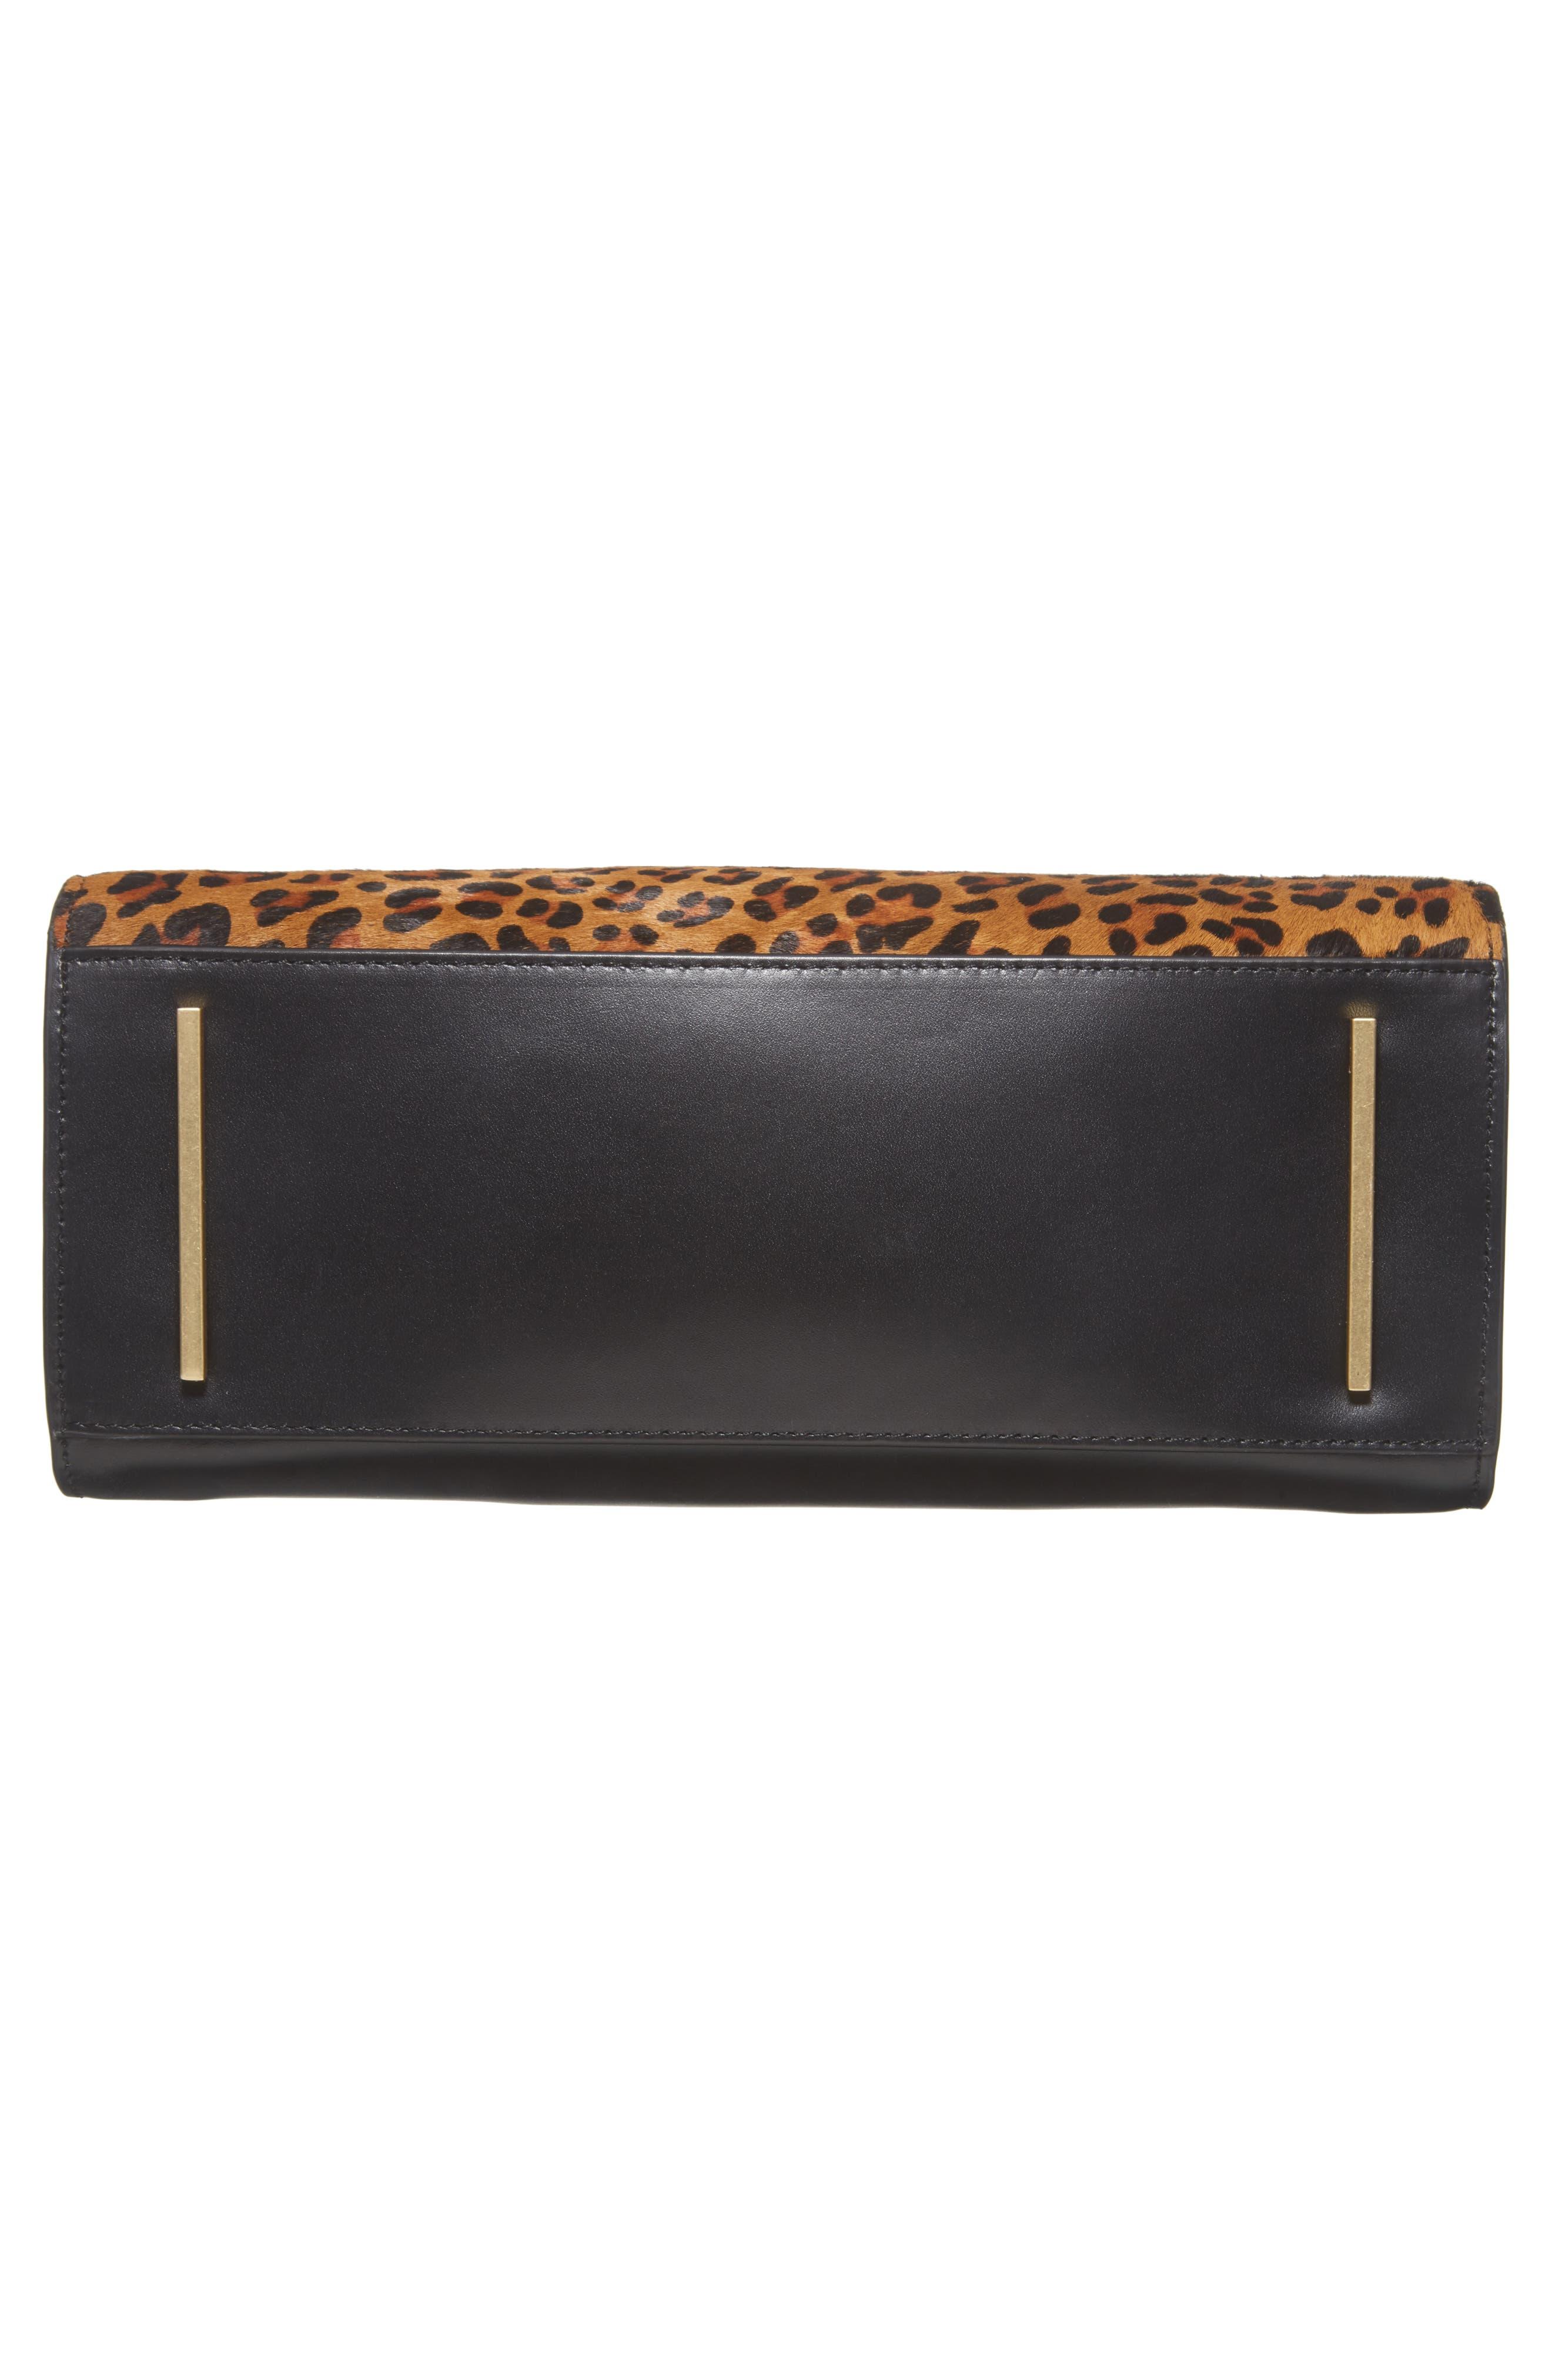 Céline Dion Leopard Print Genuine Calf Hair Octave Satchel,                             Alternate thumbnail 6, color,                             200